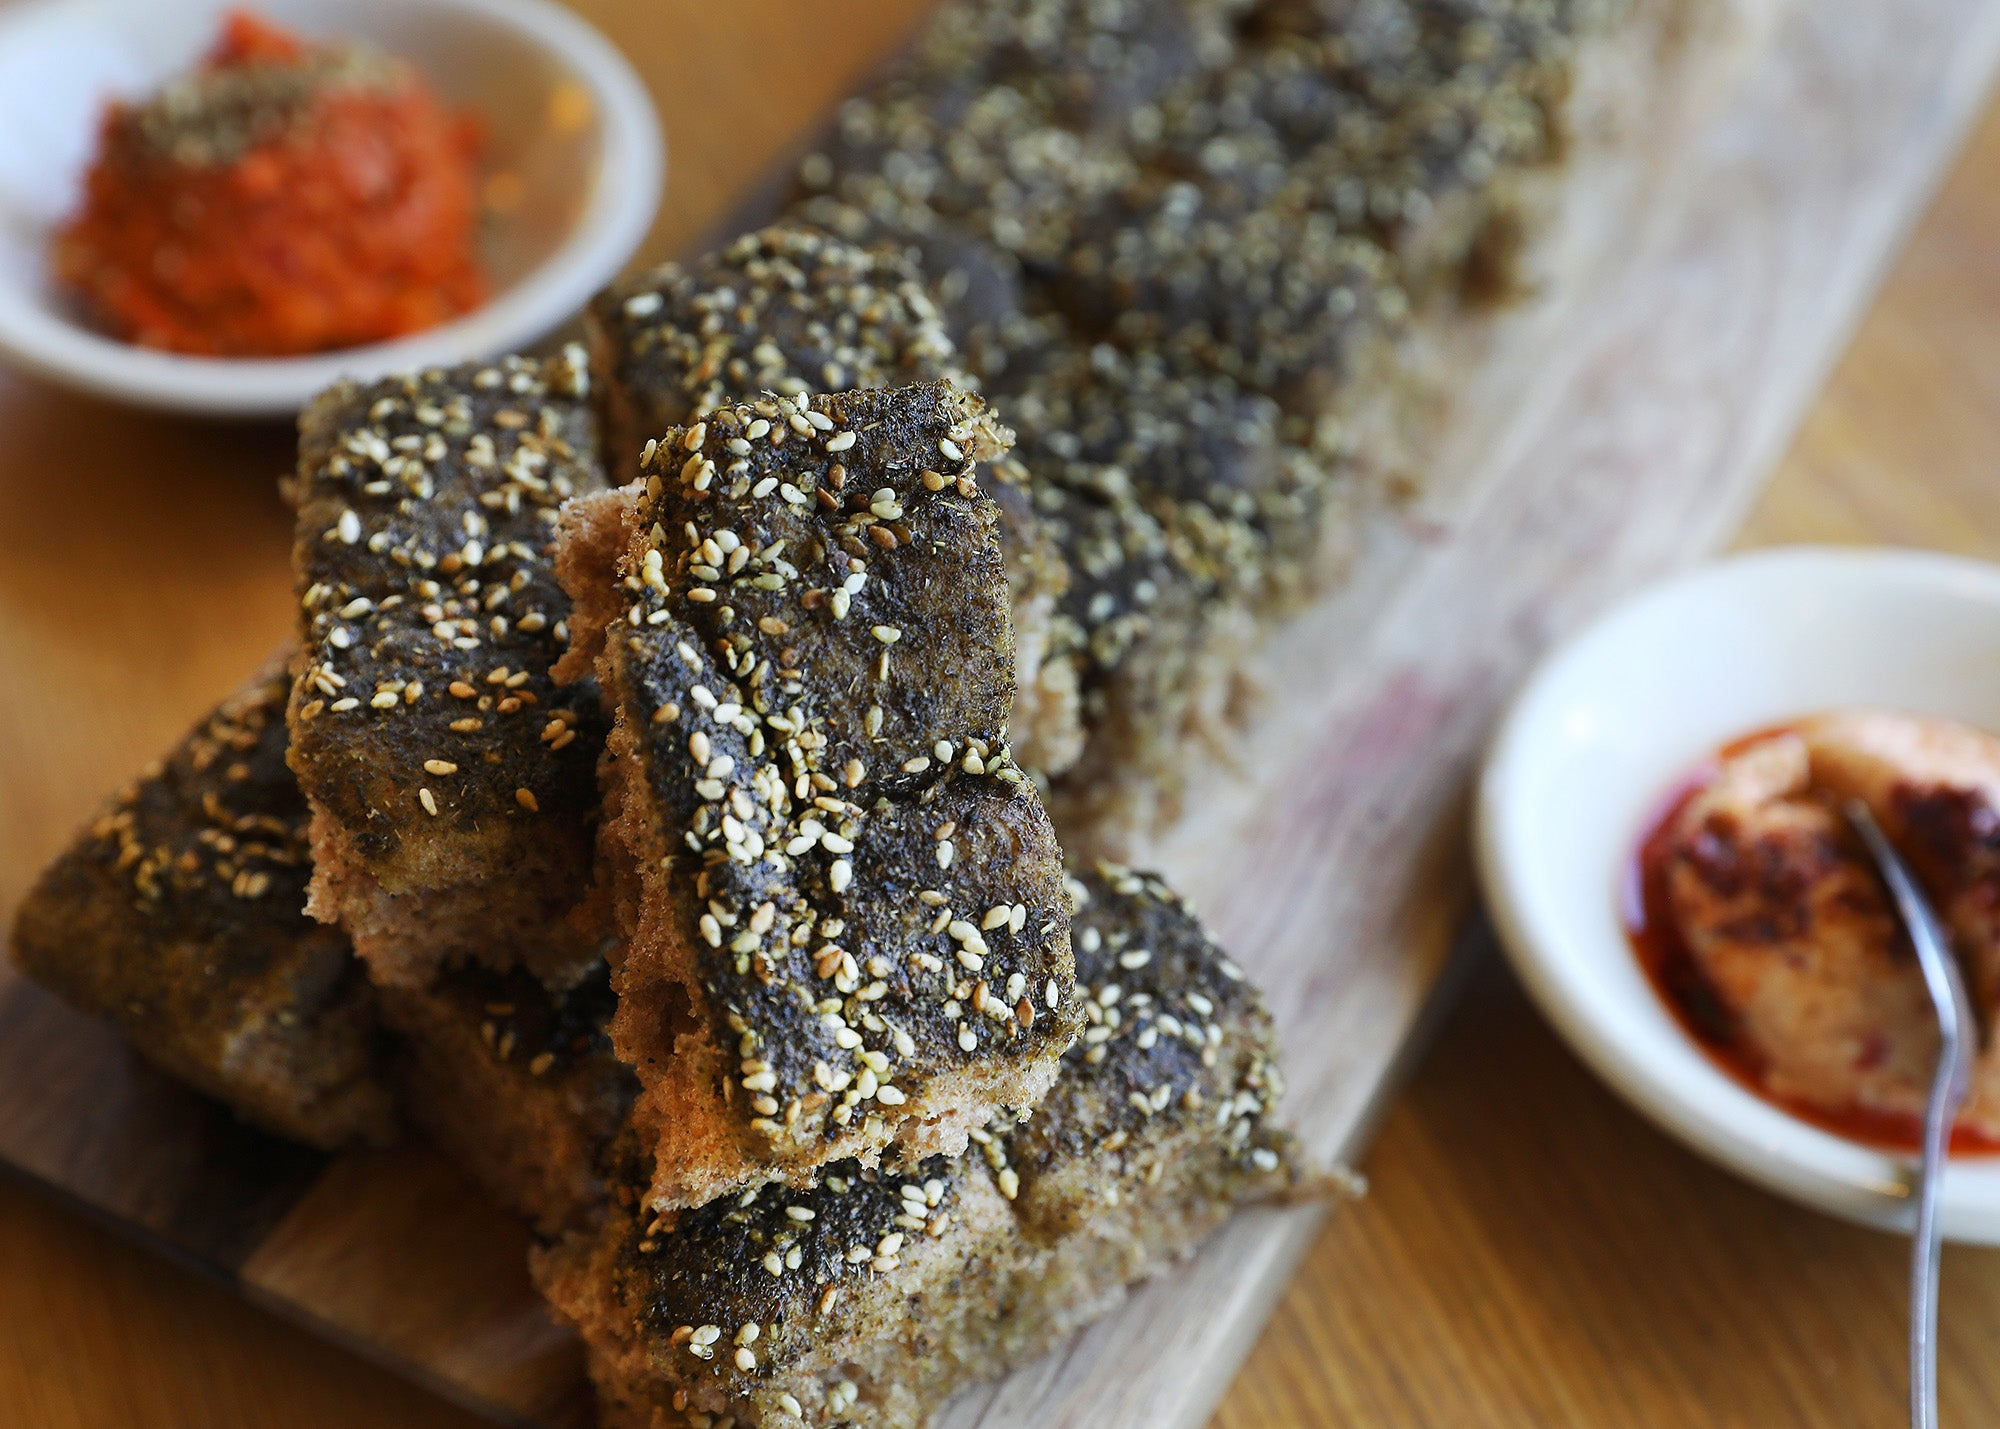 Za'atar Bread at Sofra Bakery & Cafe